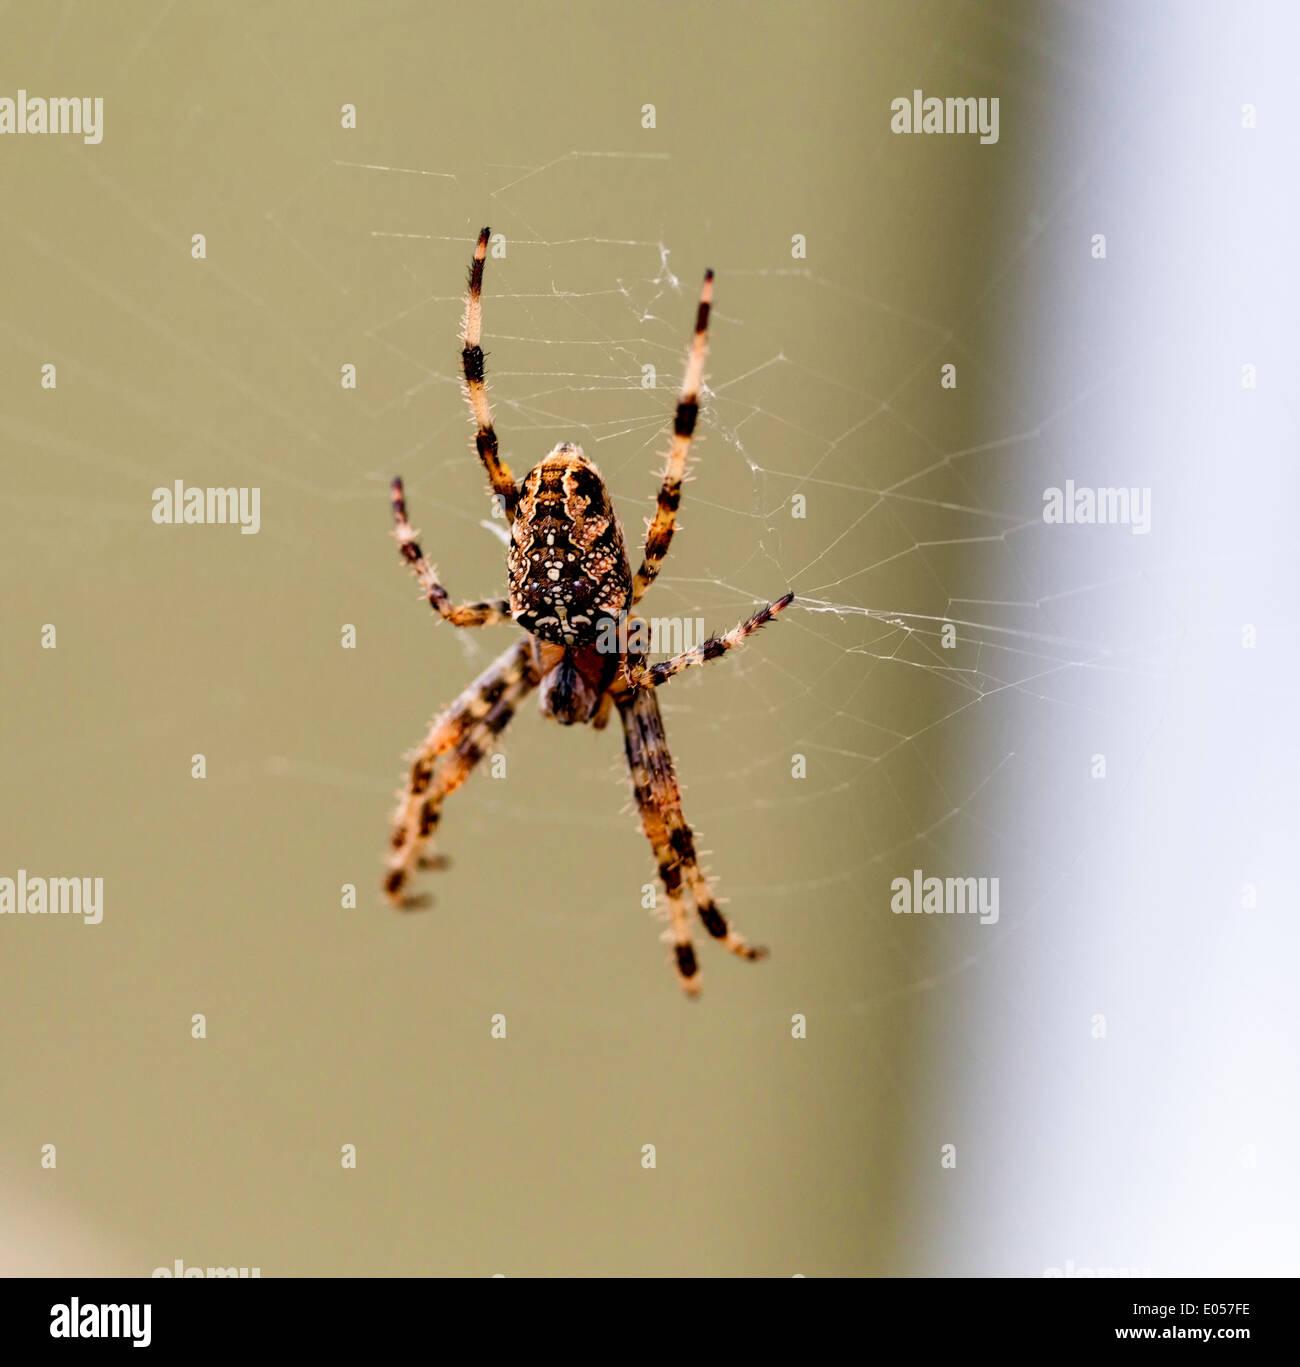 A spider spins a spider net for her victims, Eine Spinne spinnt ein Spinnennetz fuer ihre Opfer - Stock Image